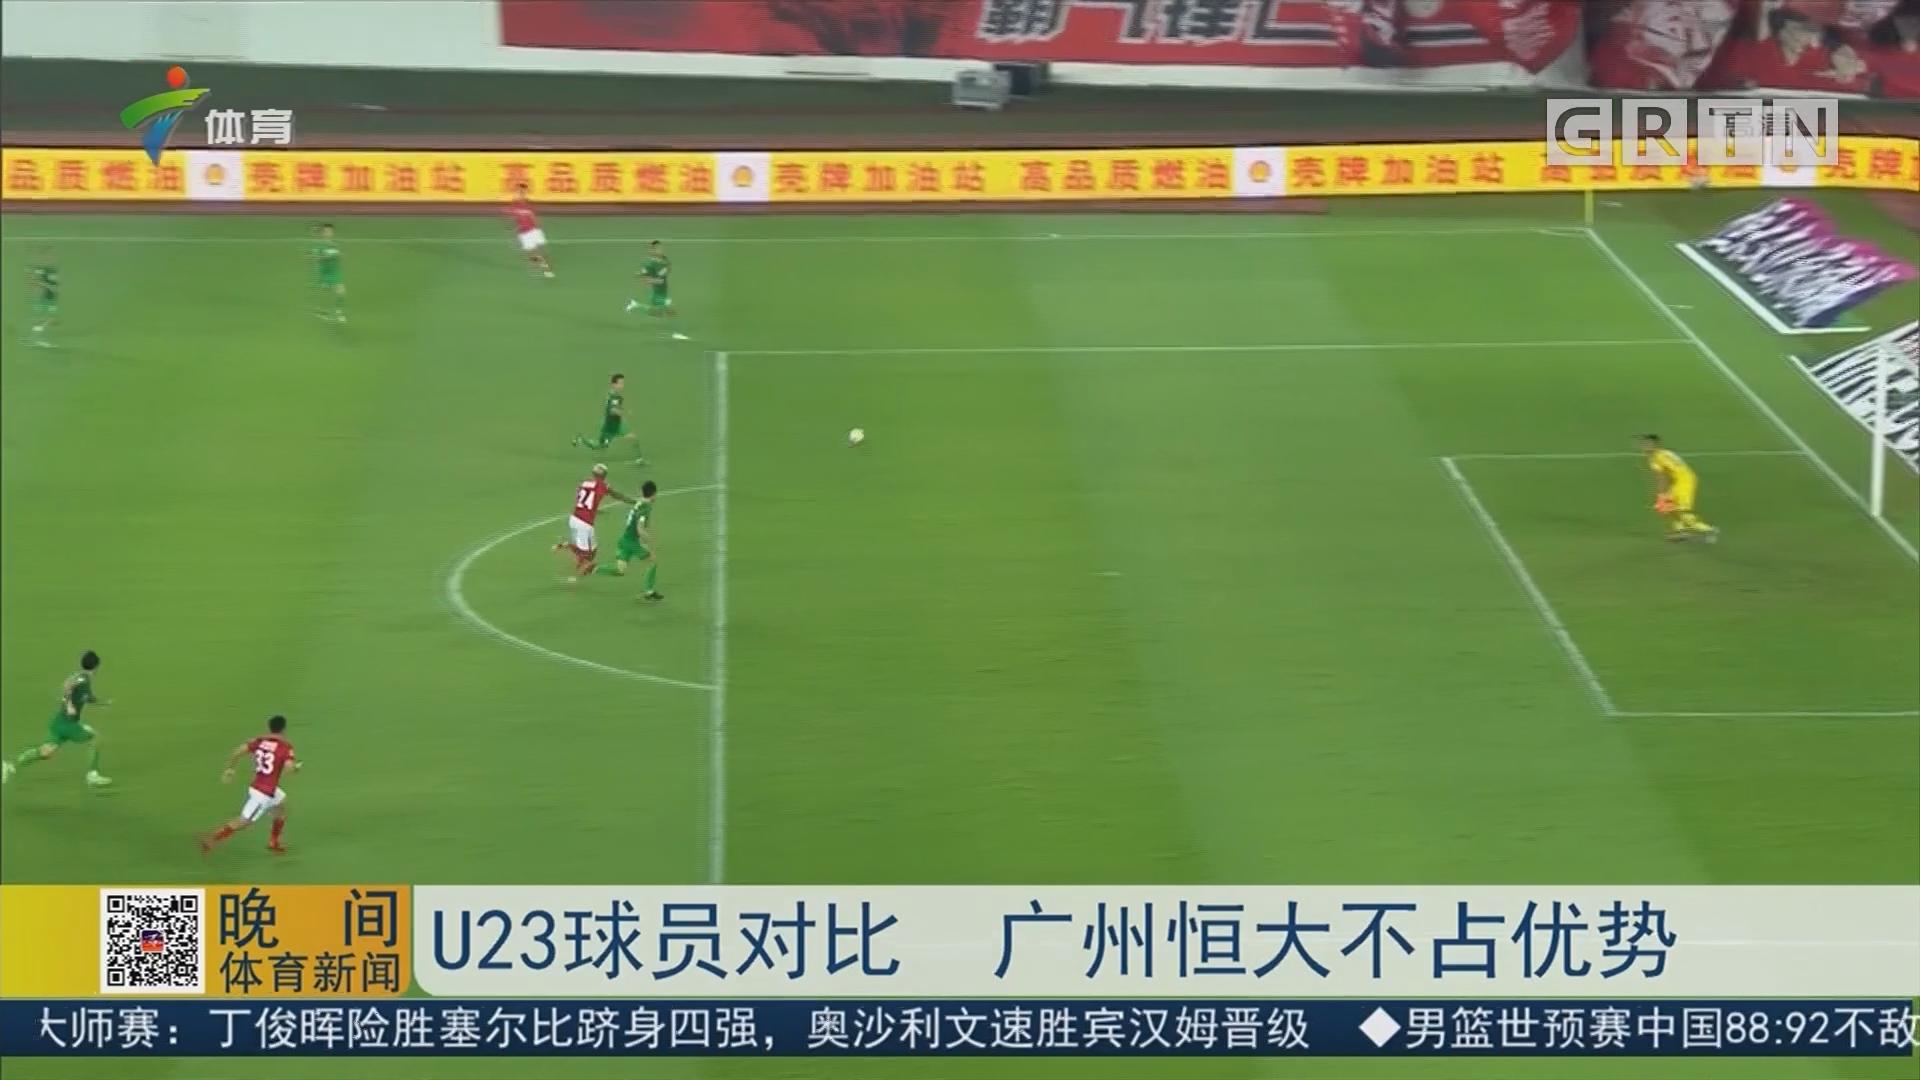 U23球员对比 广州恒大不占优势